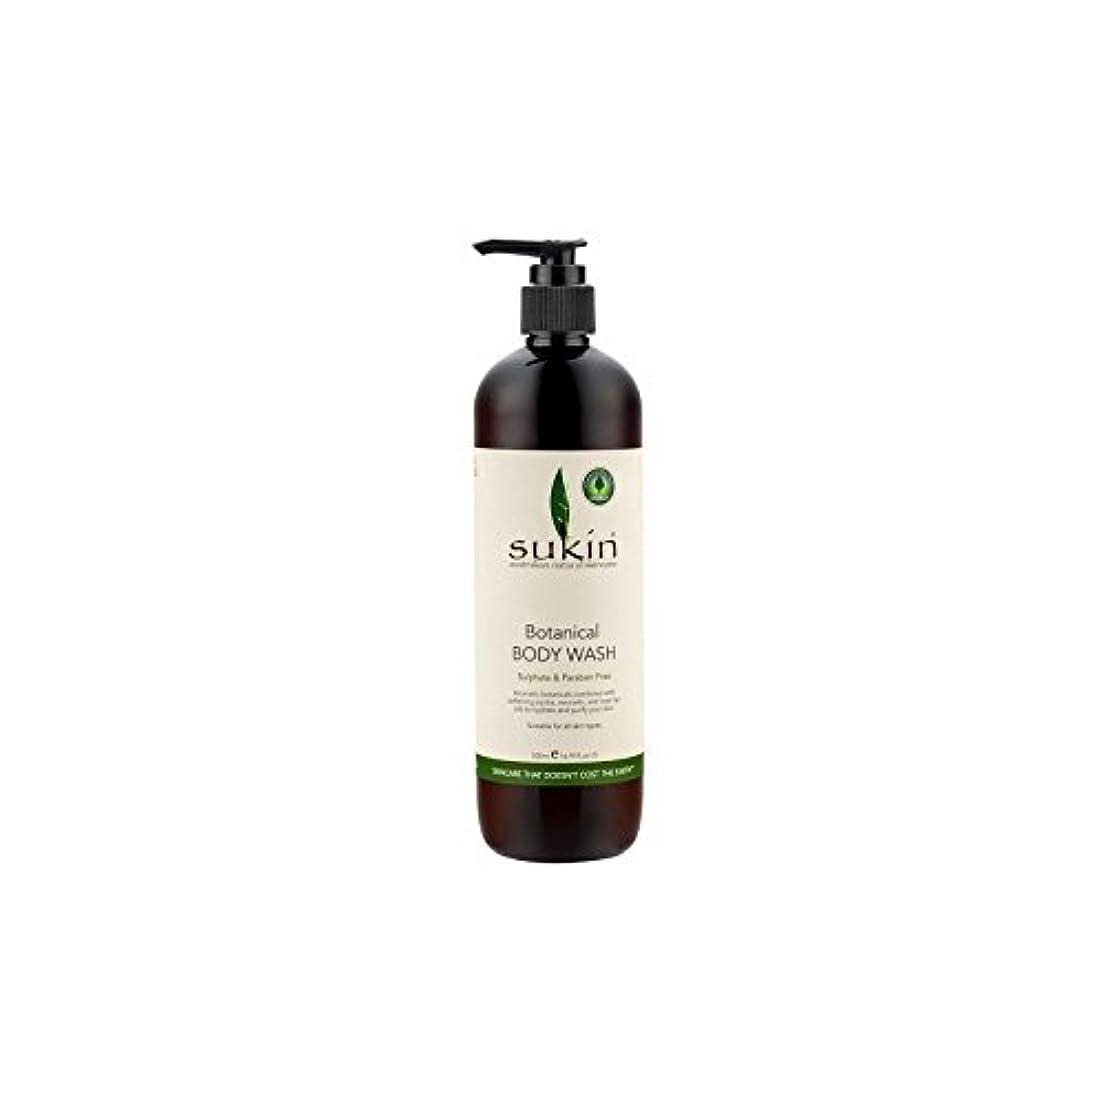 ジャンピングジャック周り親指Sukin Botanical Body Wash (500ml) - 植物ボディウォッシュ(500ミリリットル) [並行輸入品]